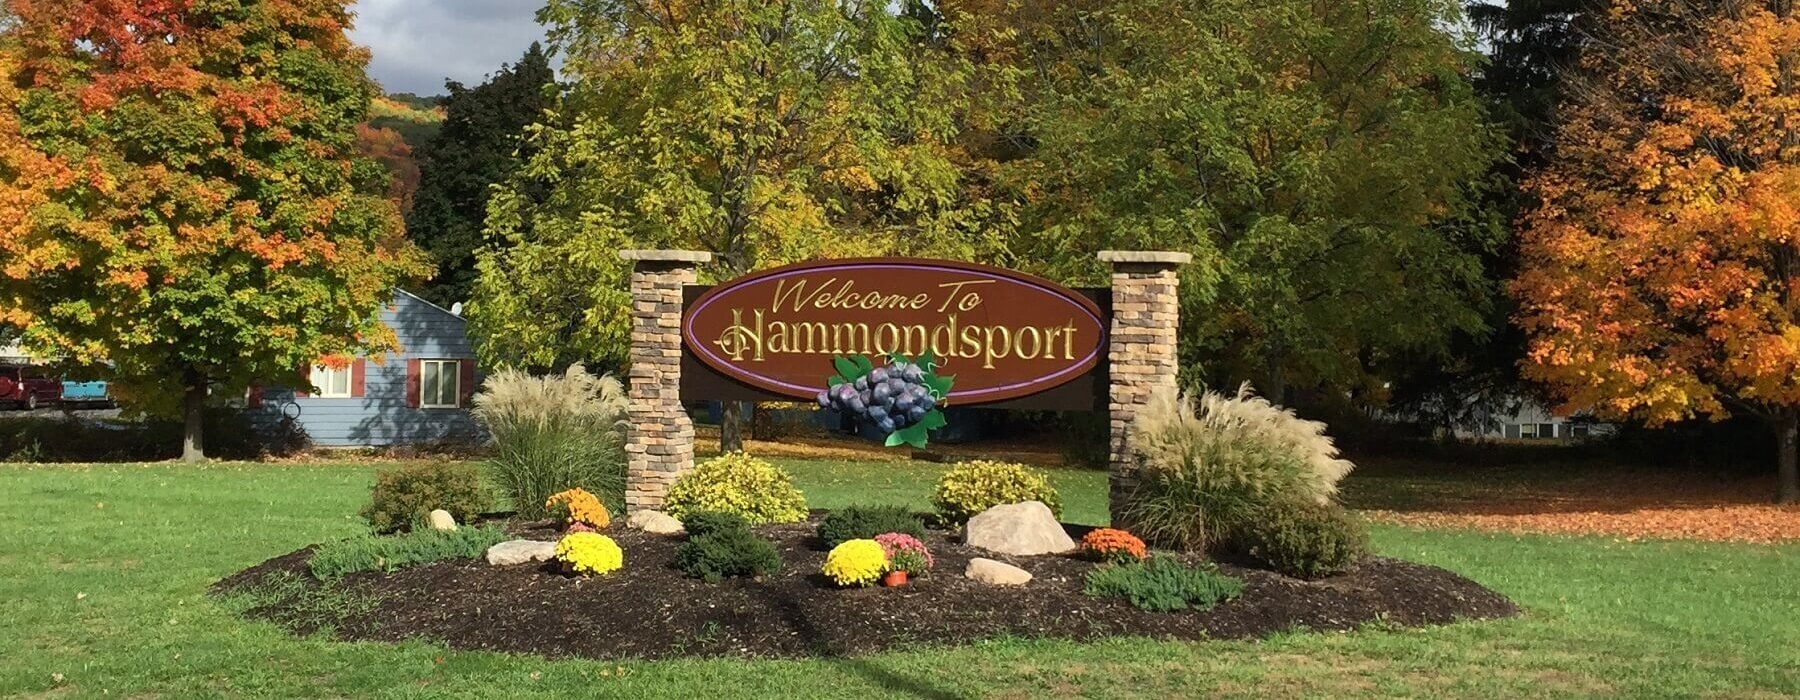 Hammondsport, NY